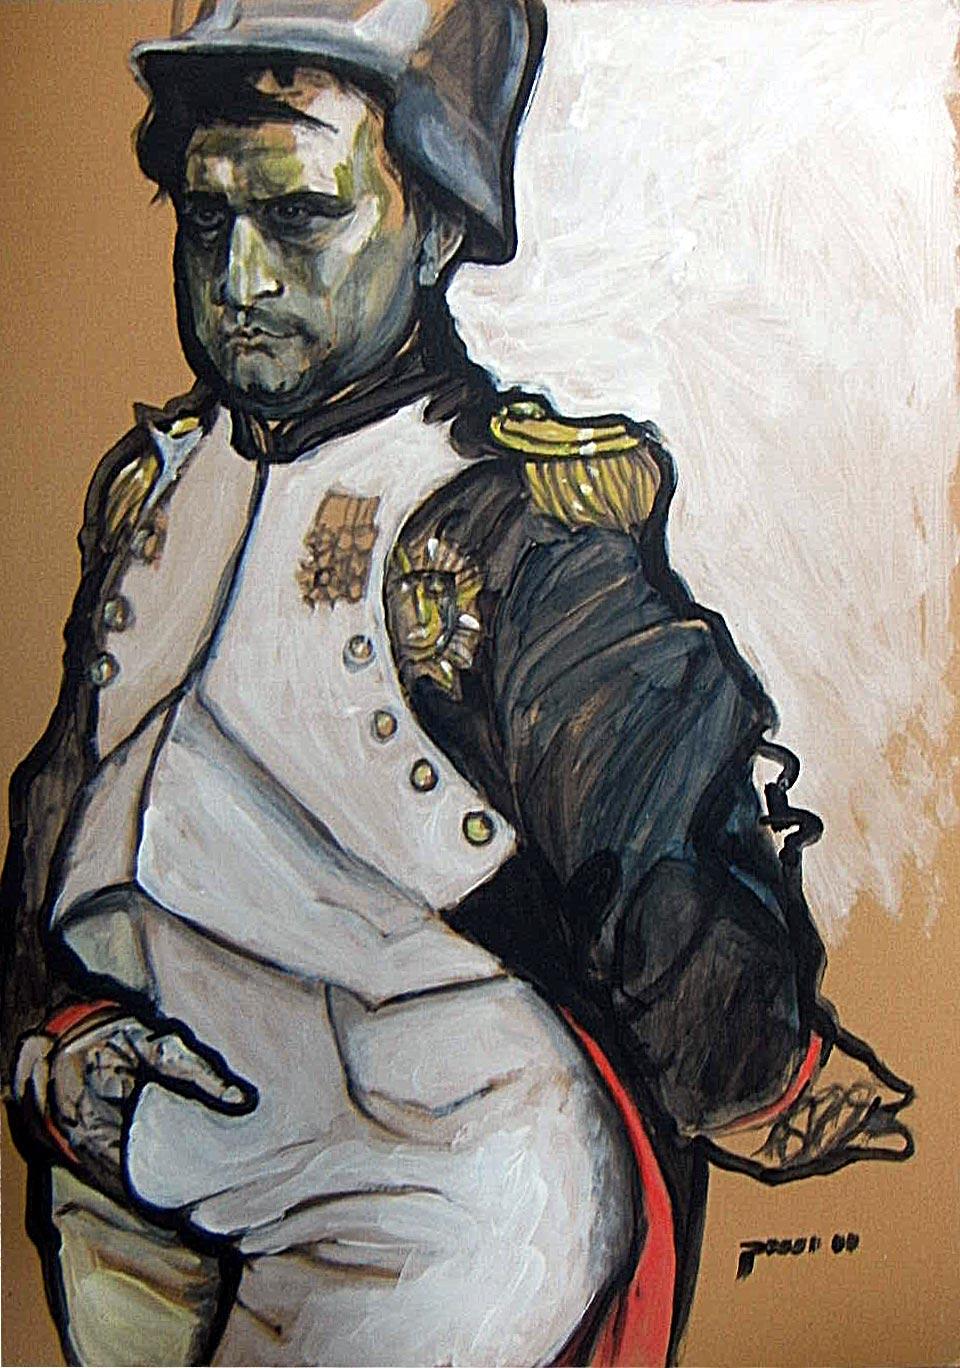 Lustige Porträts von Napoleon, Merkel, Beuys, Picasso…